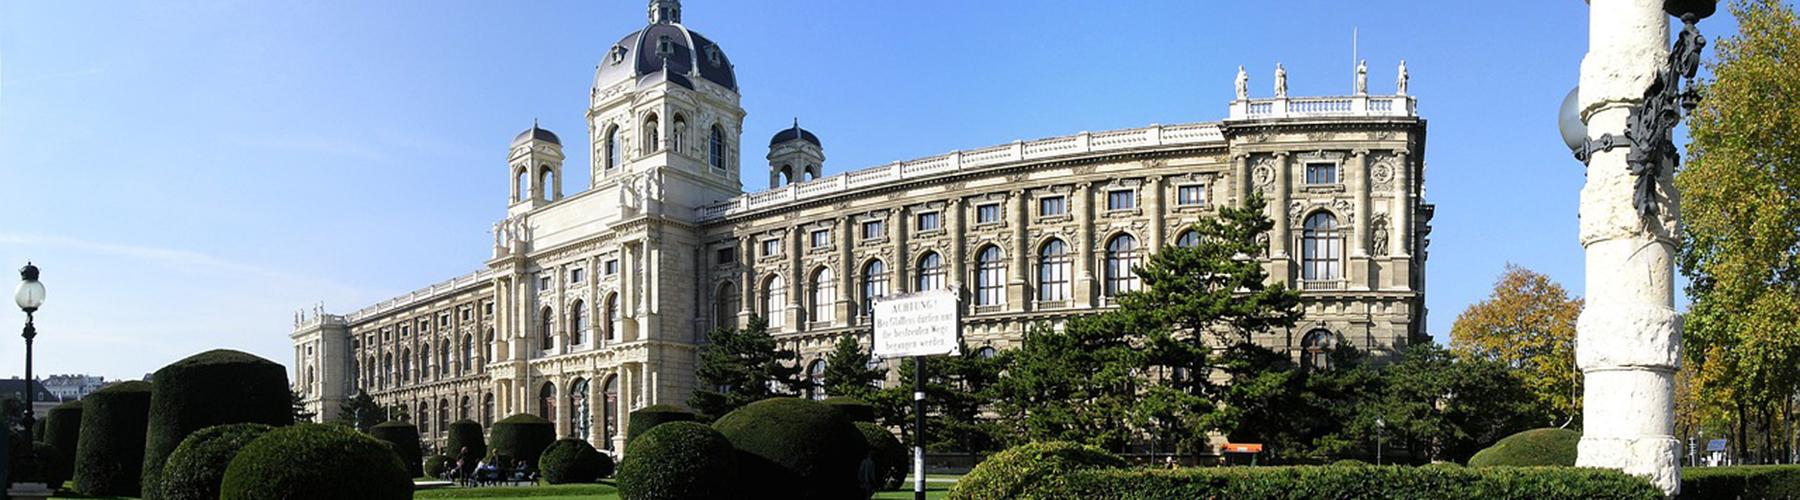 Wien - Hostels nahe Schatzkammer der Wiener. Wien auf der Karte. Fotos und Bewertungen für jedes Hostel in Wien.